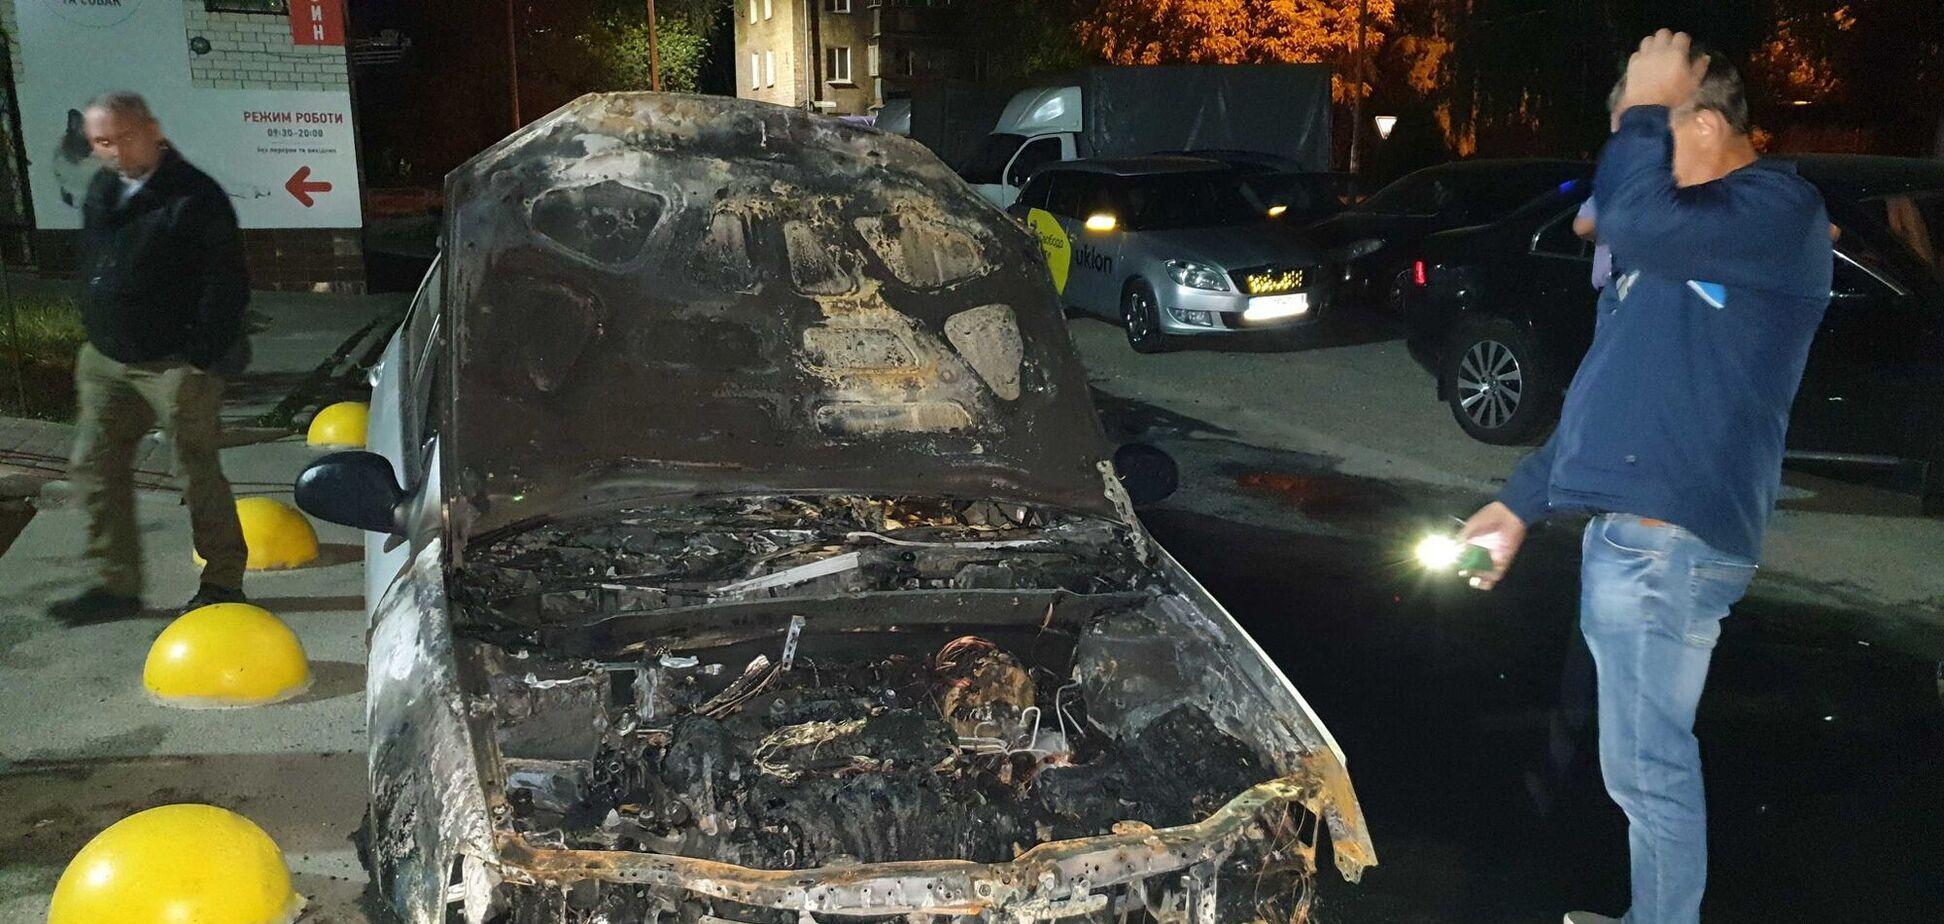 Поджог авто 'Схем': полиция опубликовала фото и имена вероятных организаторов